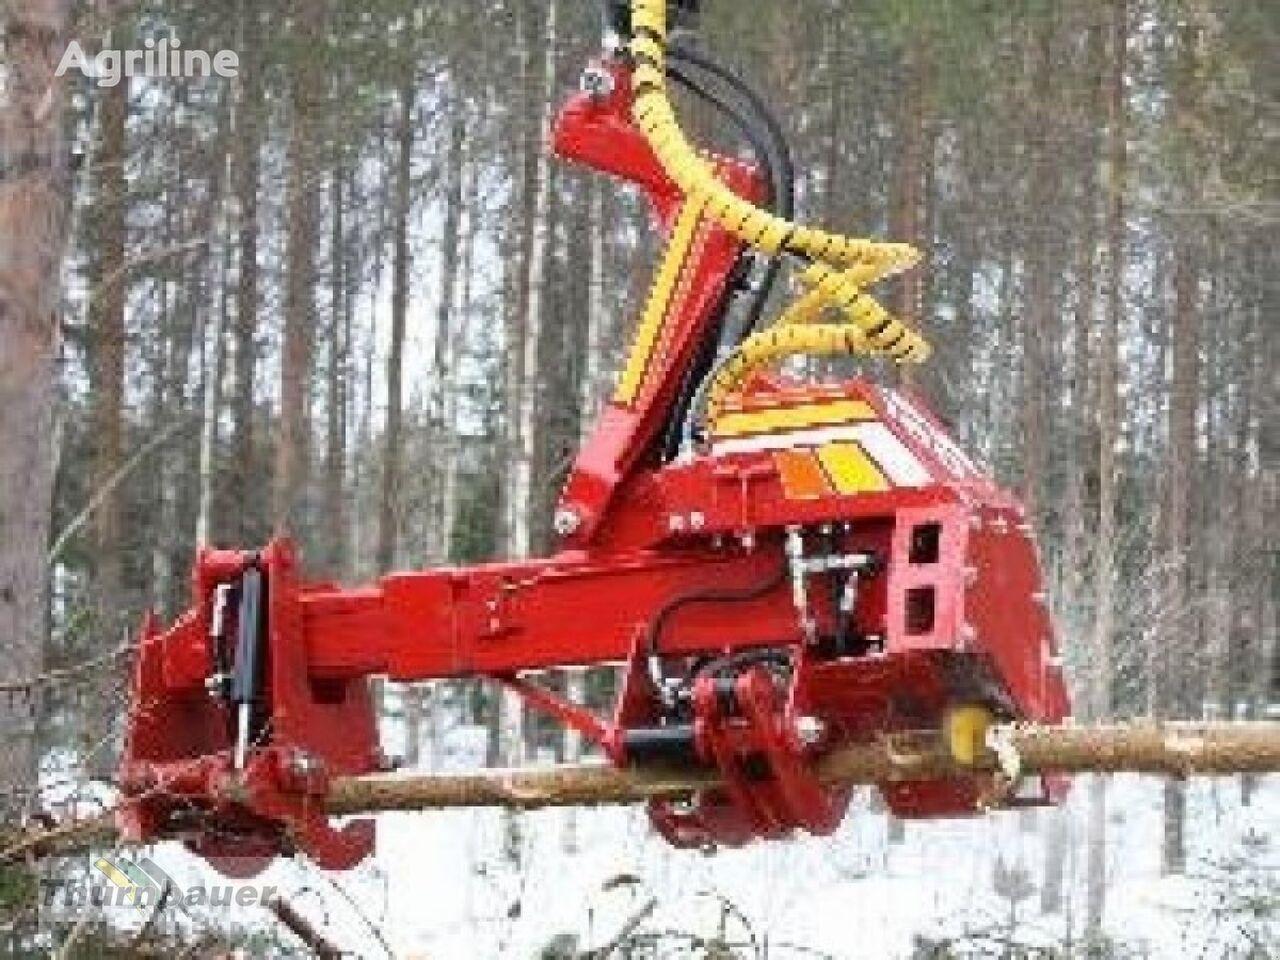 nieuw 160 Schubharvesterkopf houtversnipperaar